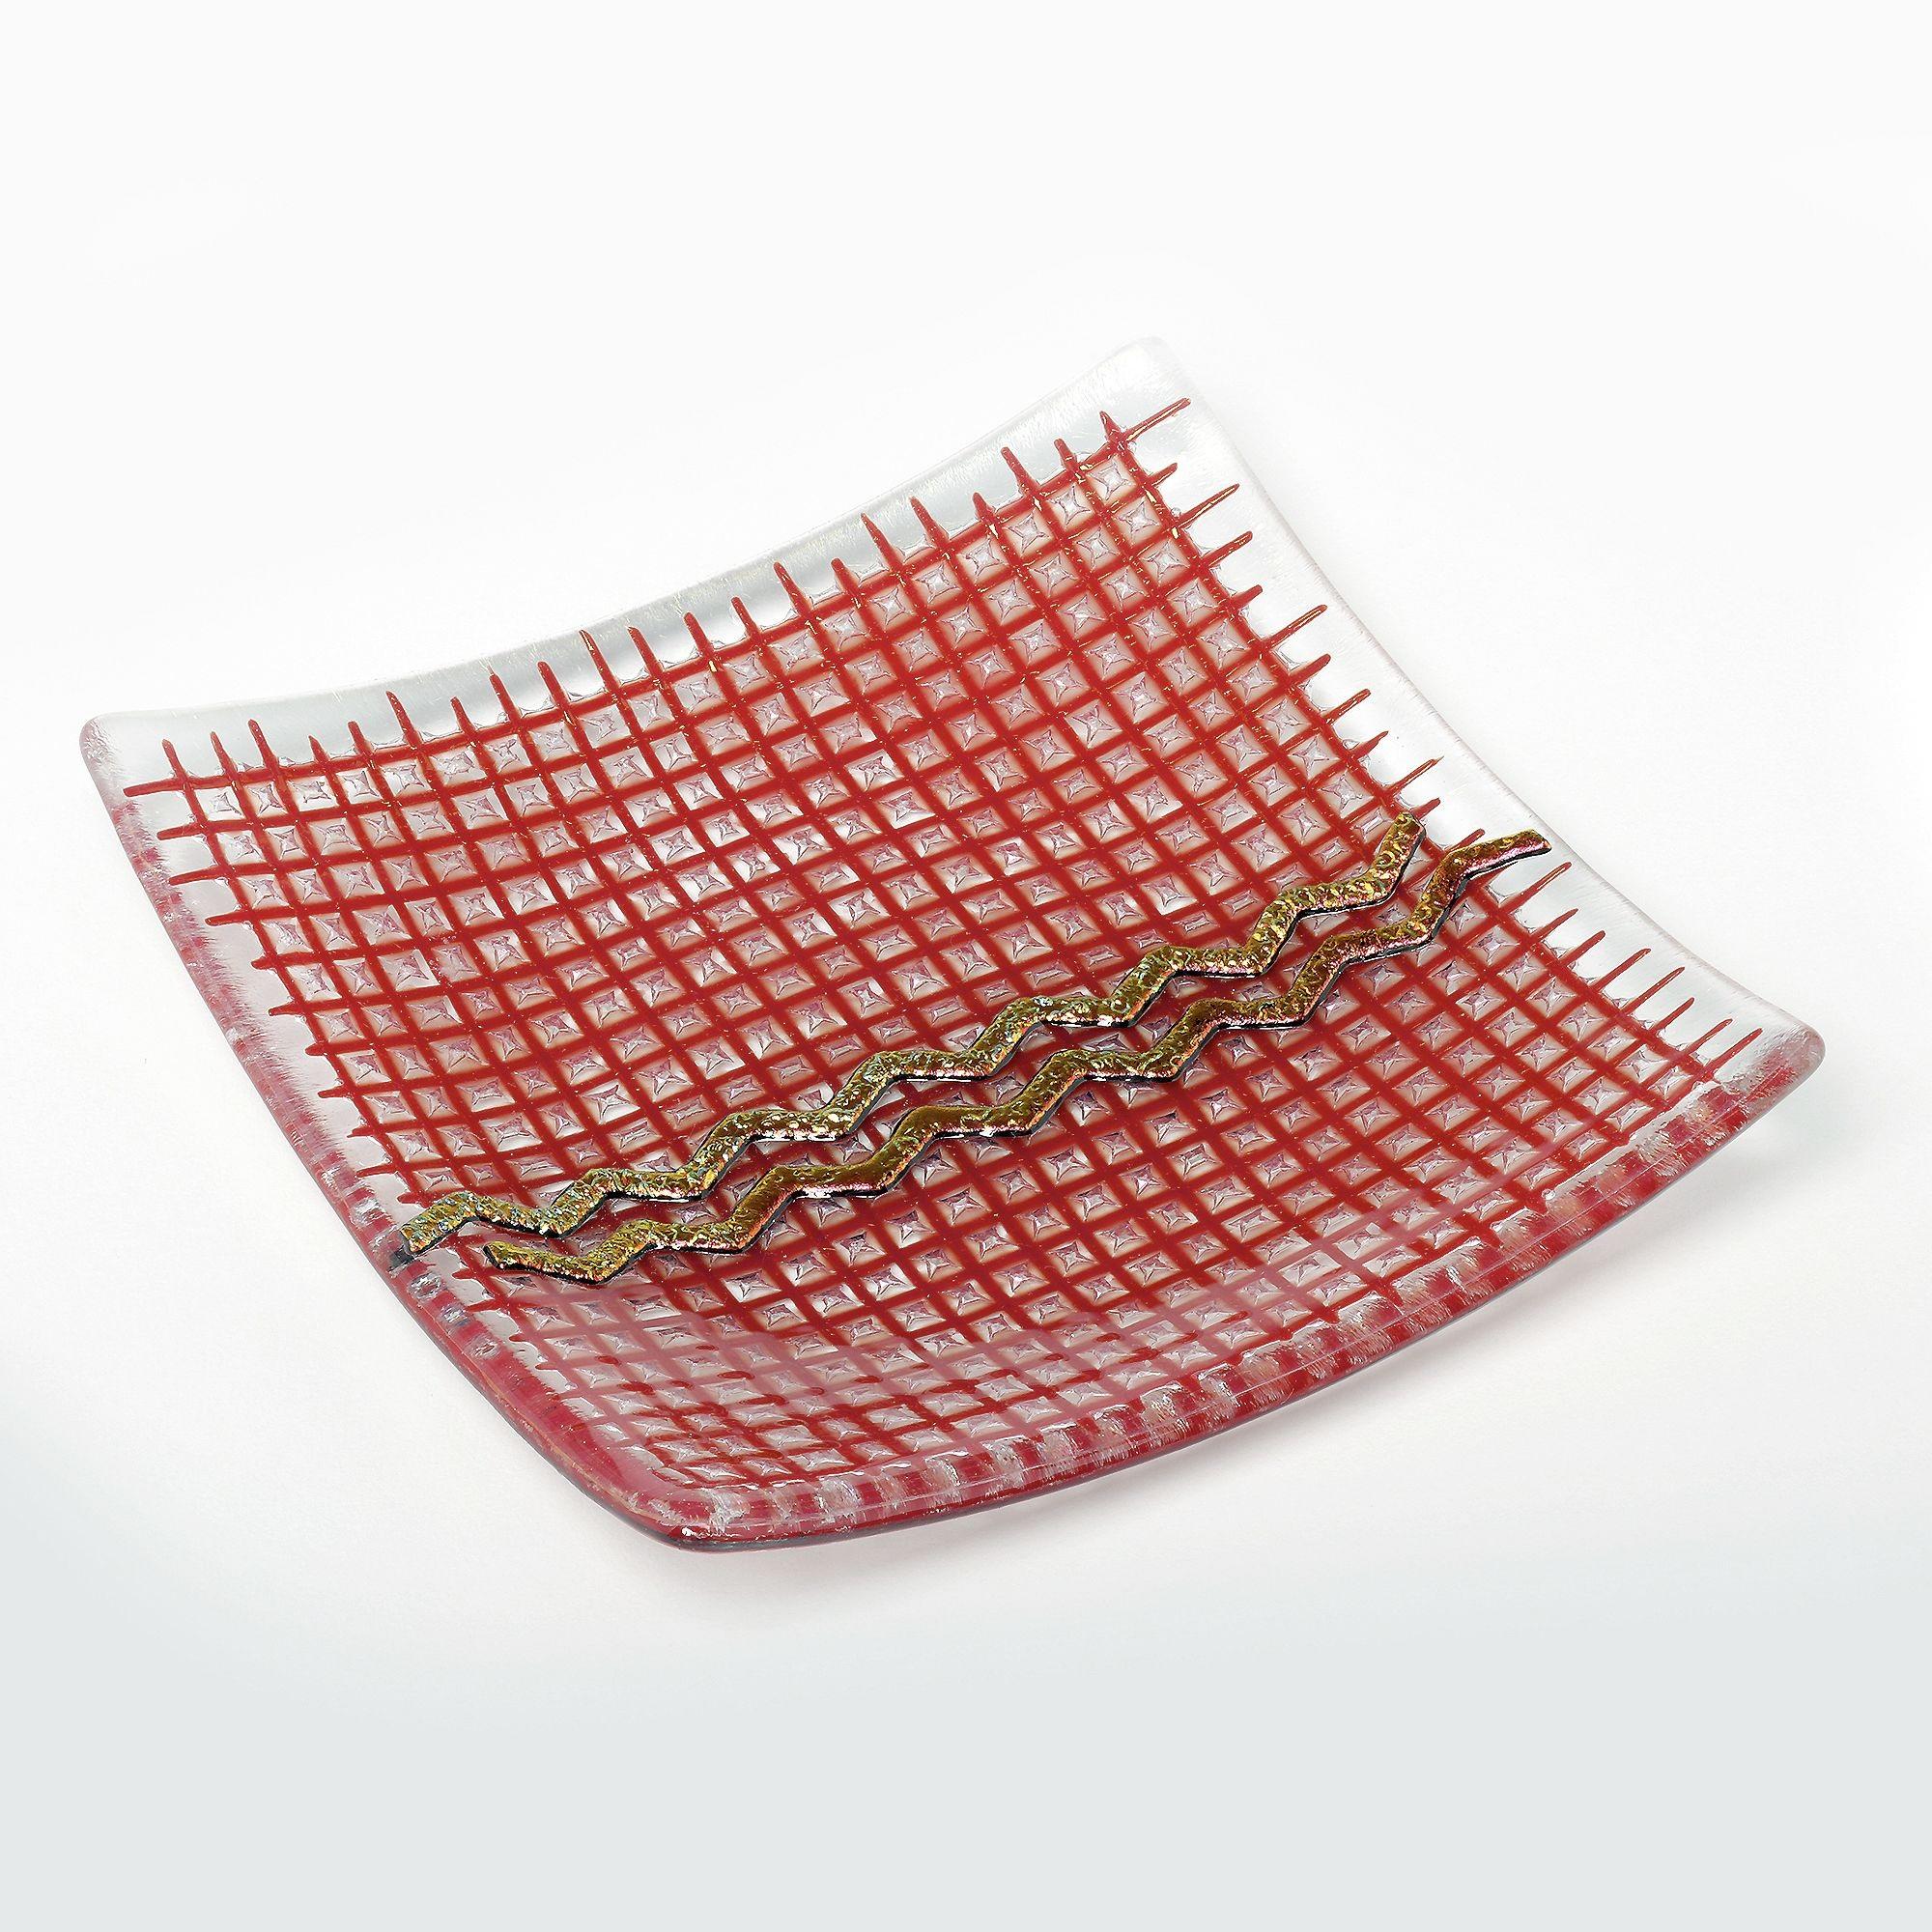 kaca pola merah piring bahan tas tangan produk tekstil seni Desain bersih terang warnawarni kisi fashion